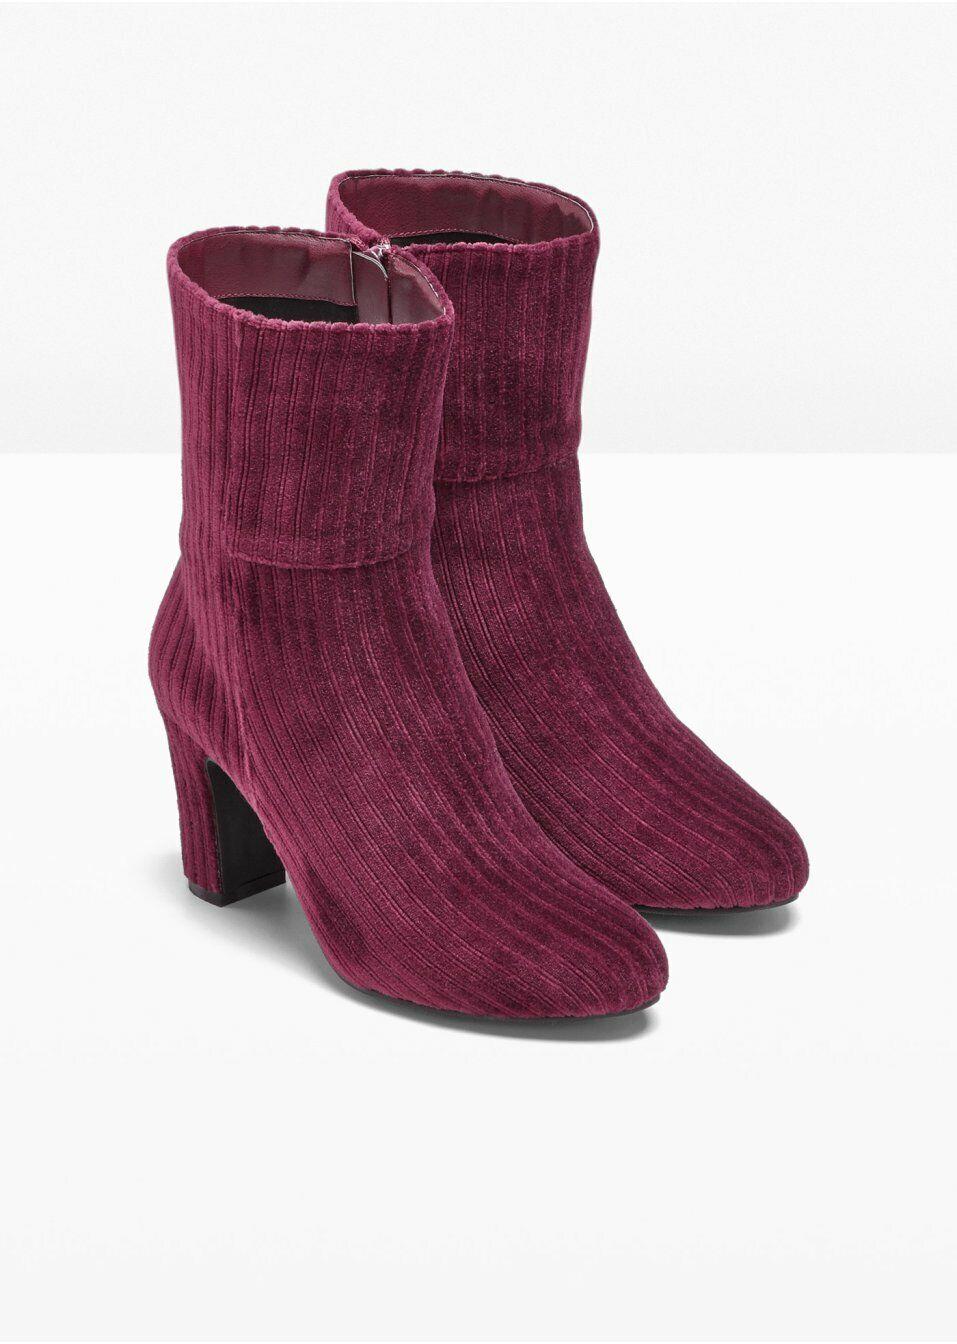 Heine Stiefelette 35 36 41 Bordeaux Sternchen Leder Textil Kurzstiefel Spain NEU